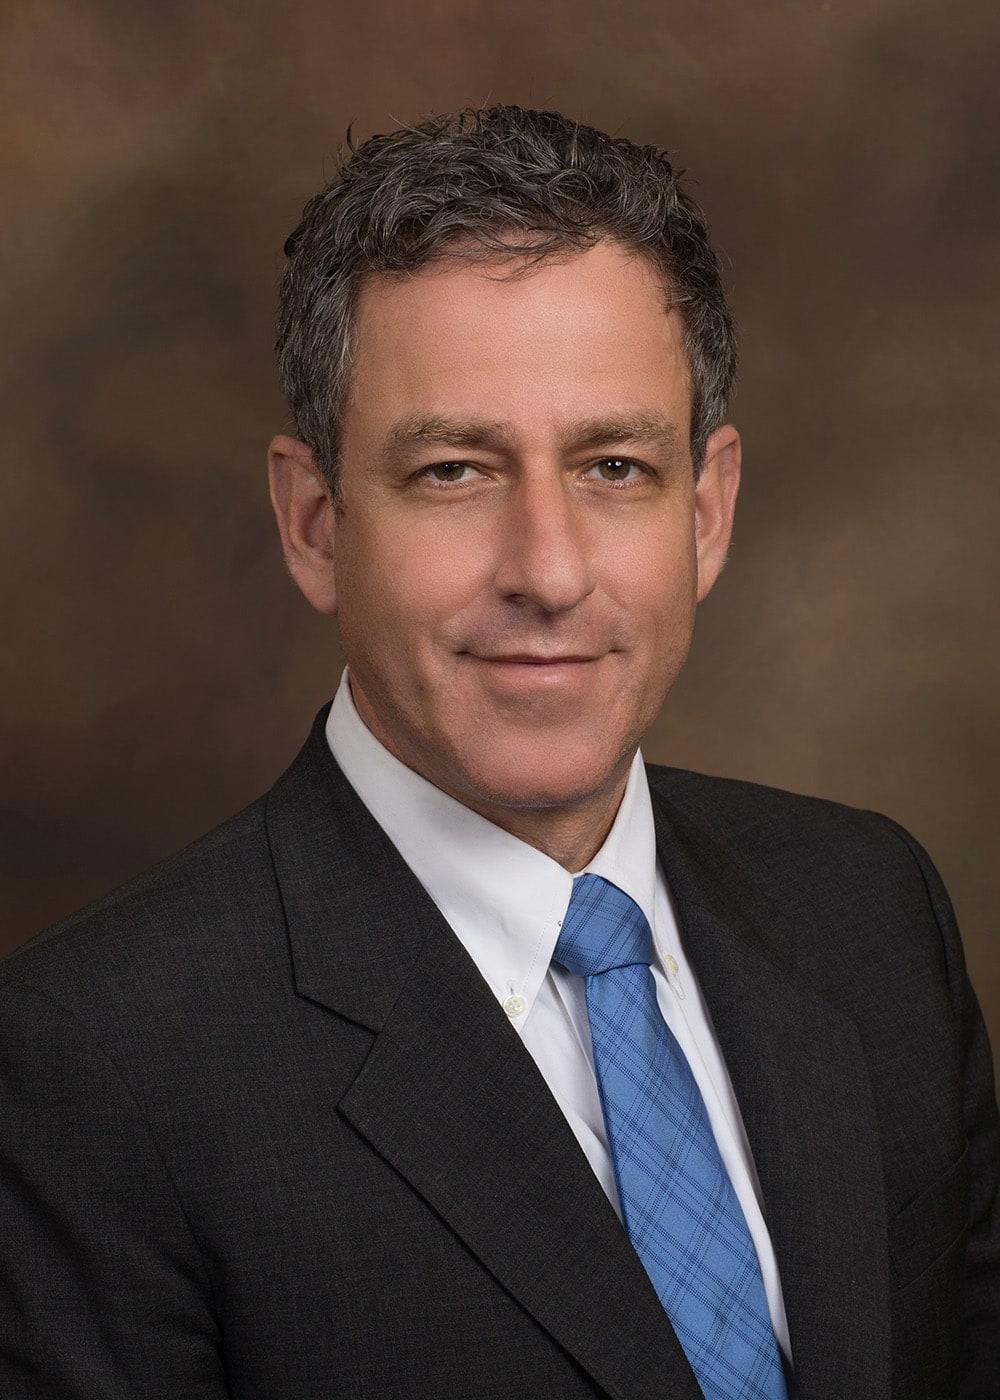 Dr. David A Saperstein MD